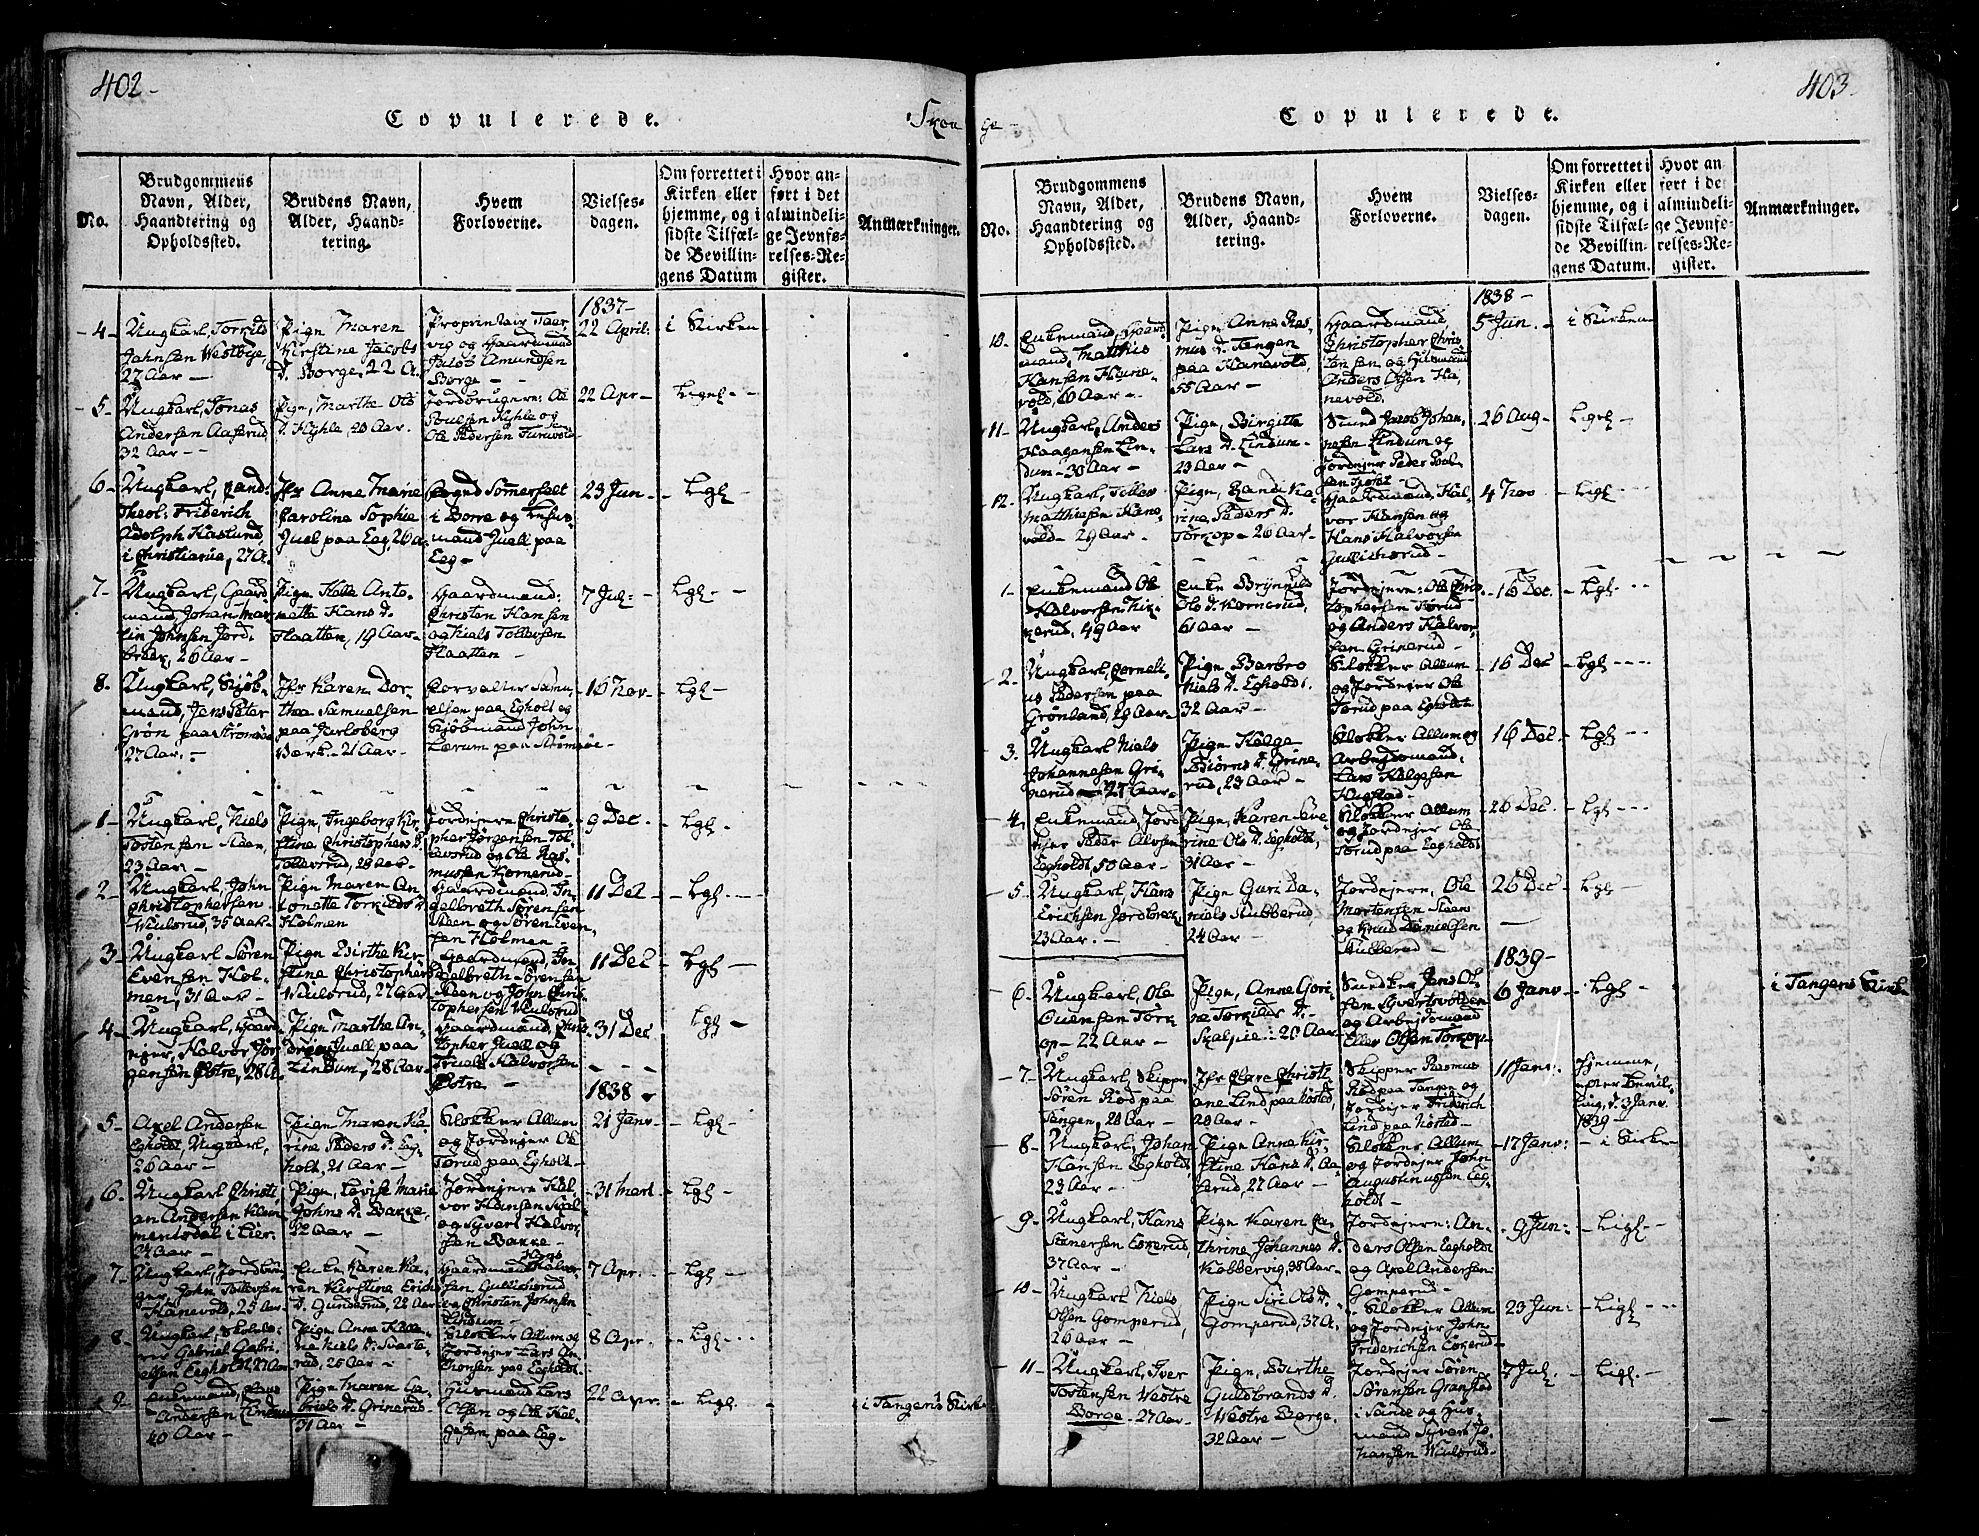 SAKO, Skoger kirkebøker, F/Fa/L0002: Ministerialbok nr. I 2 /1, 1814-1842, s. 402-403